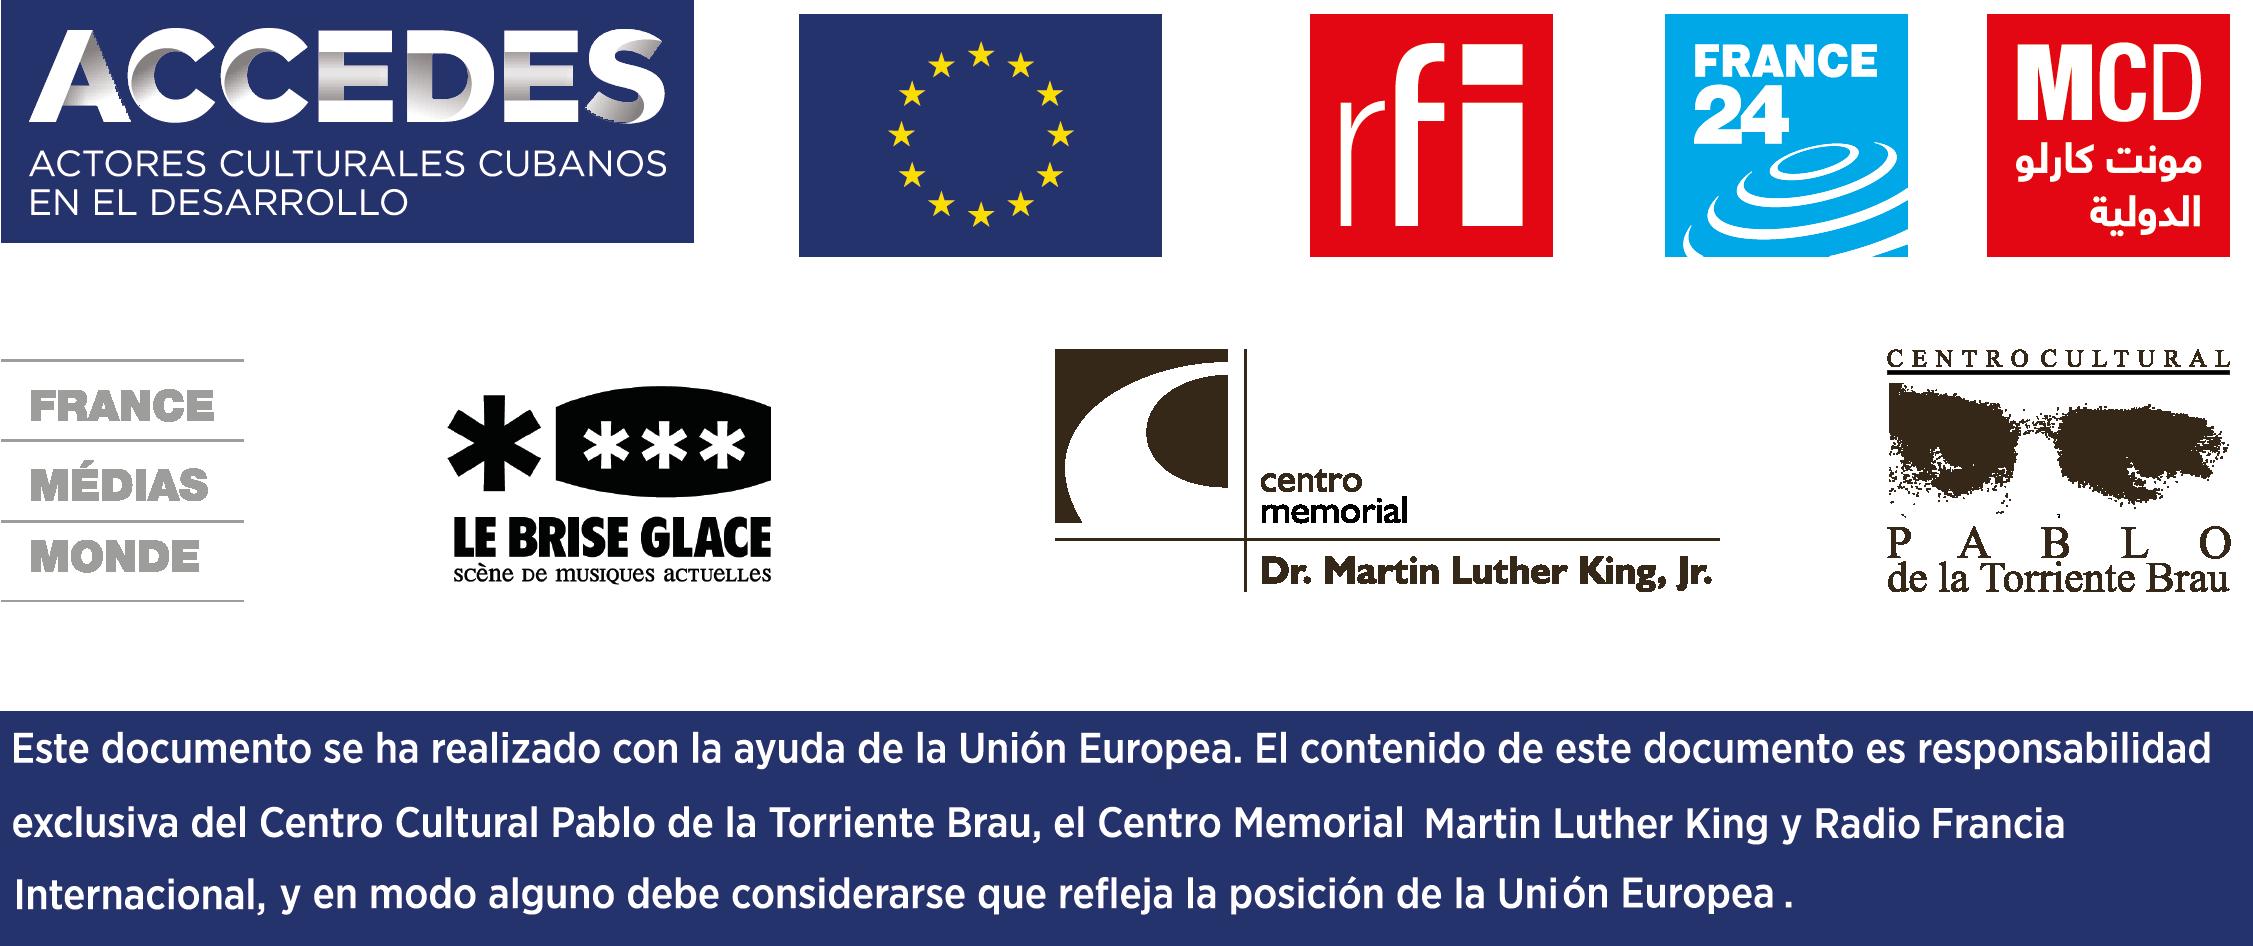 logos encuentros partenaires